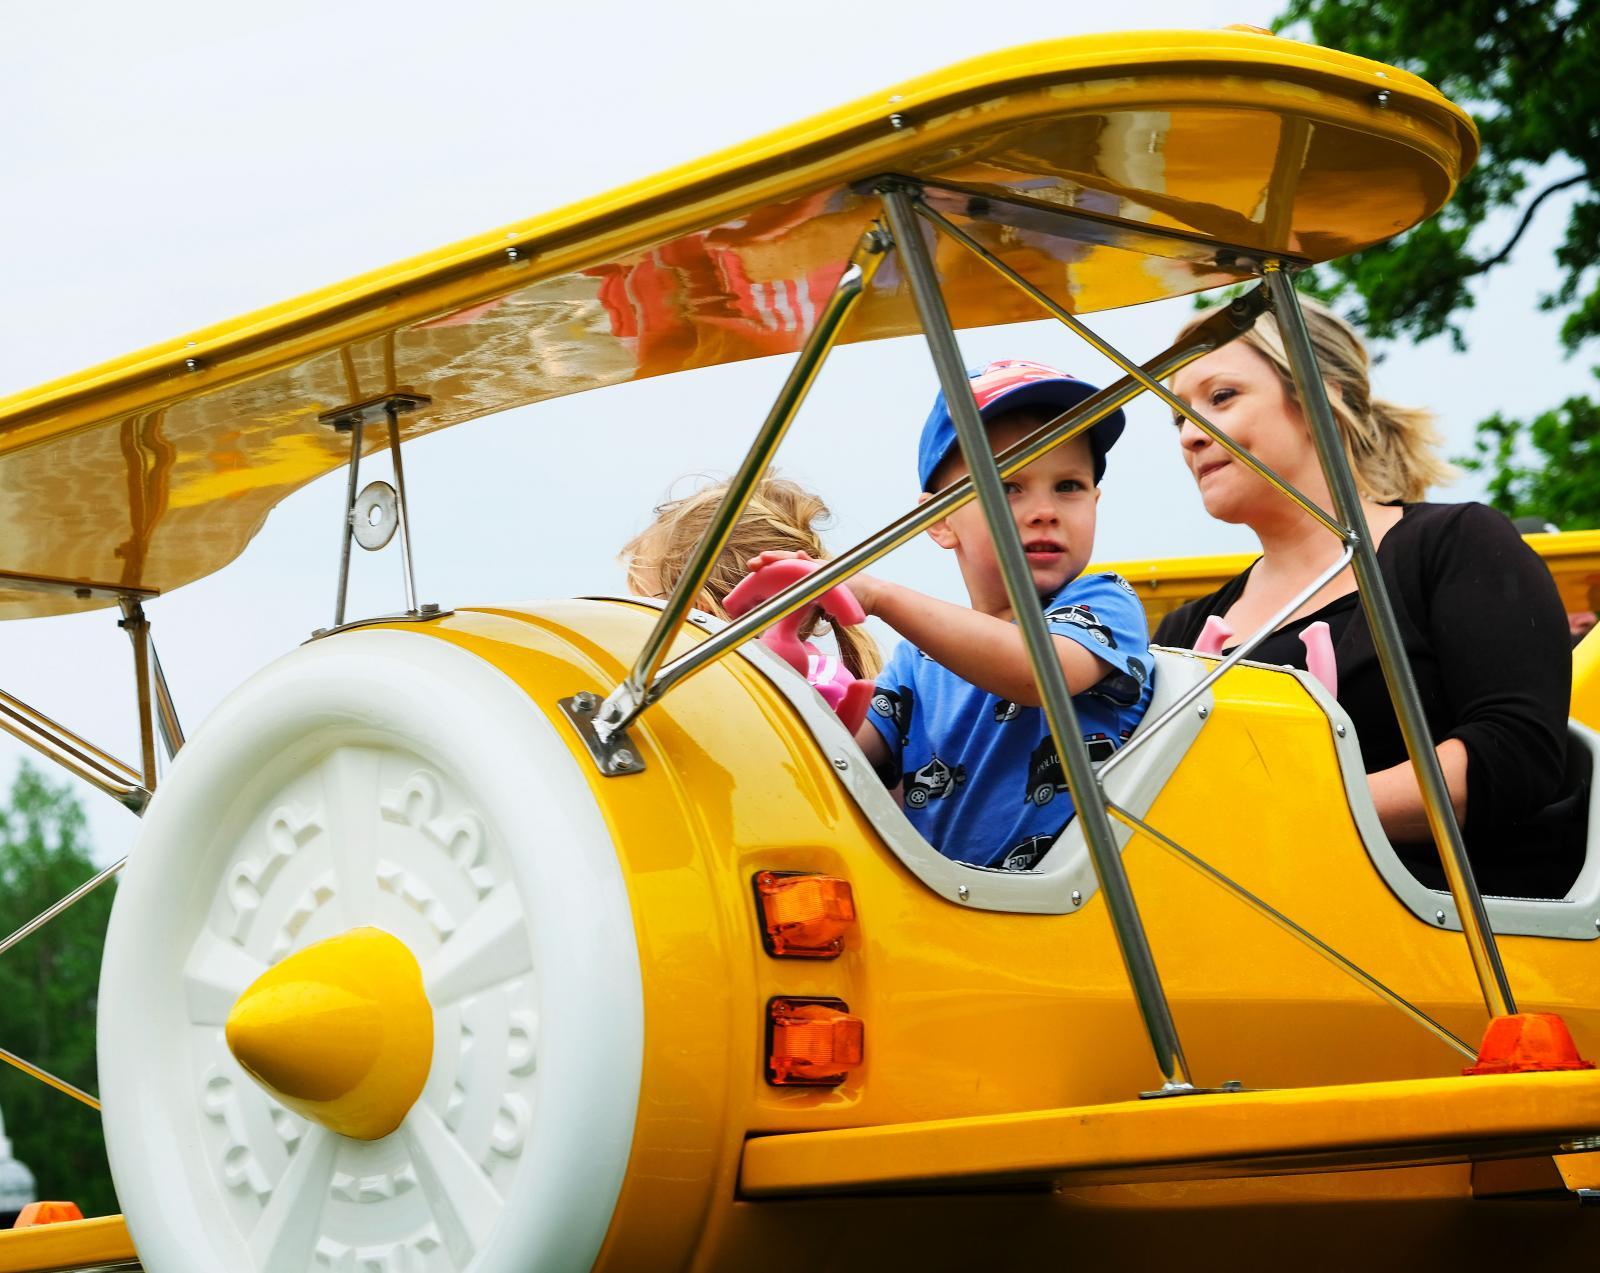 Gillar barnen att åka karuseller är det lyxigt att besöka parken under lågsäsong och dåligt väder. Obefintliga köer!